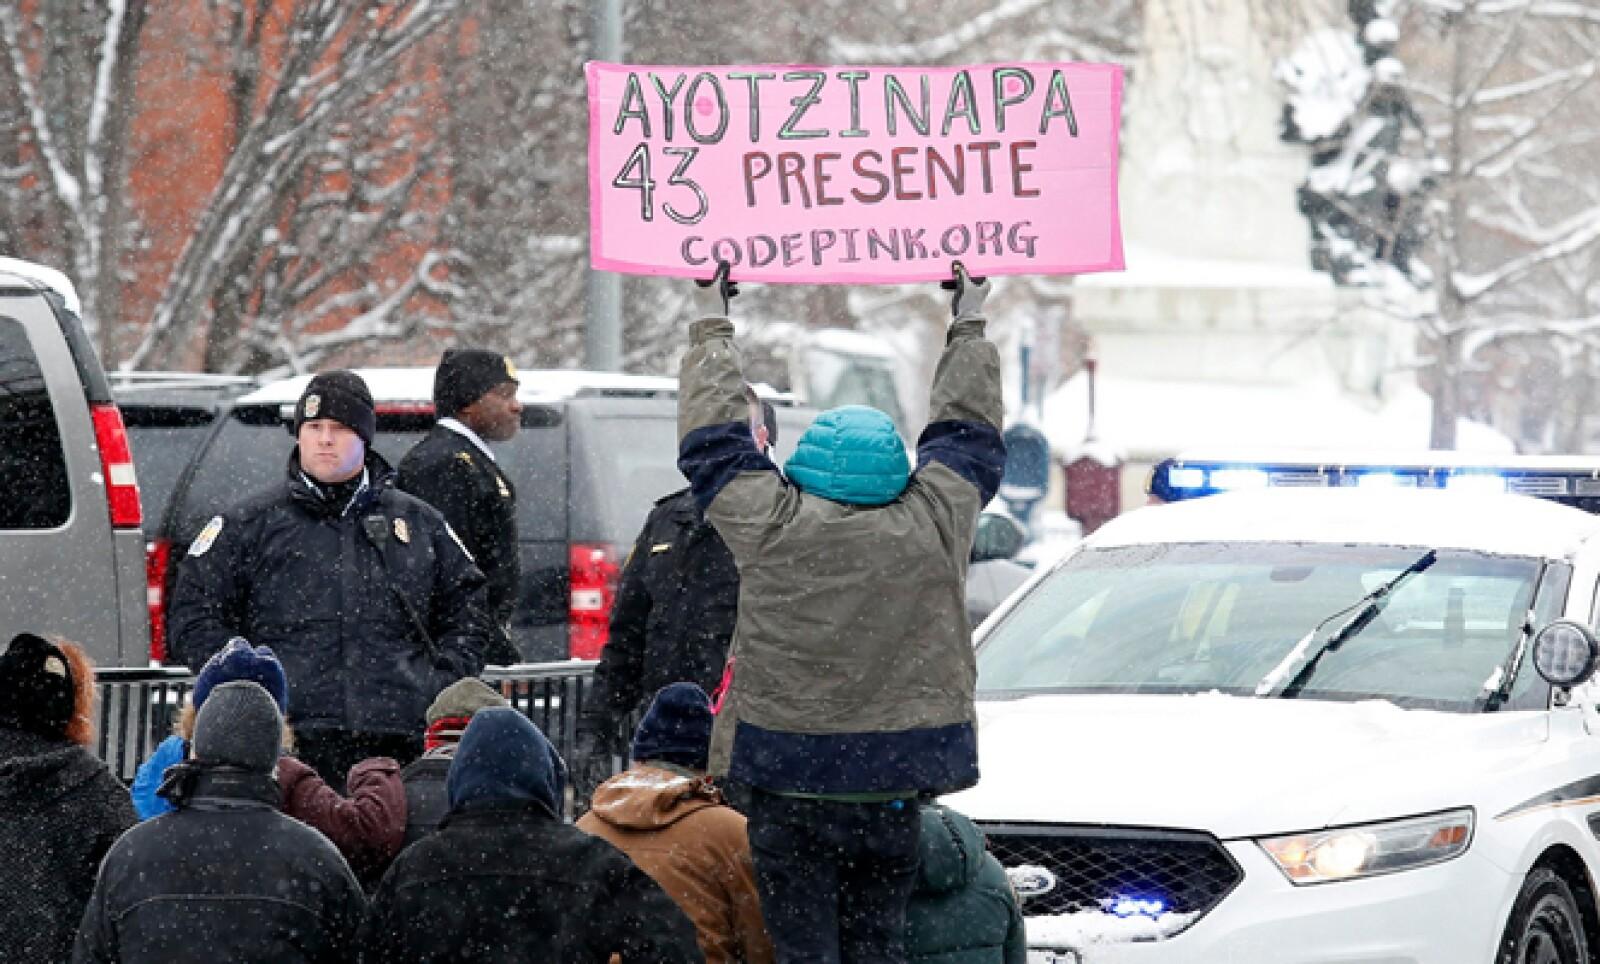 La organización Human Rights Watch pidió a Obama una postura más firme ante la situación de derechos humanos en México